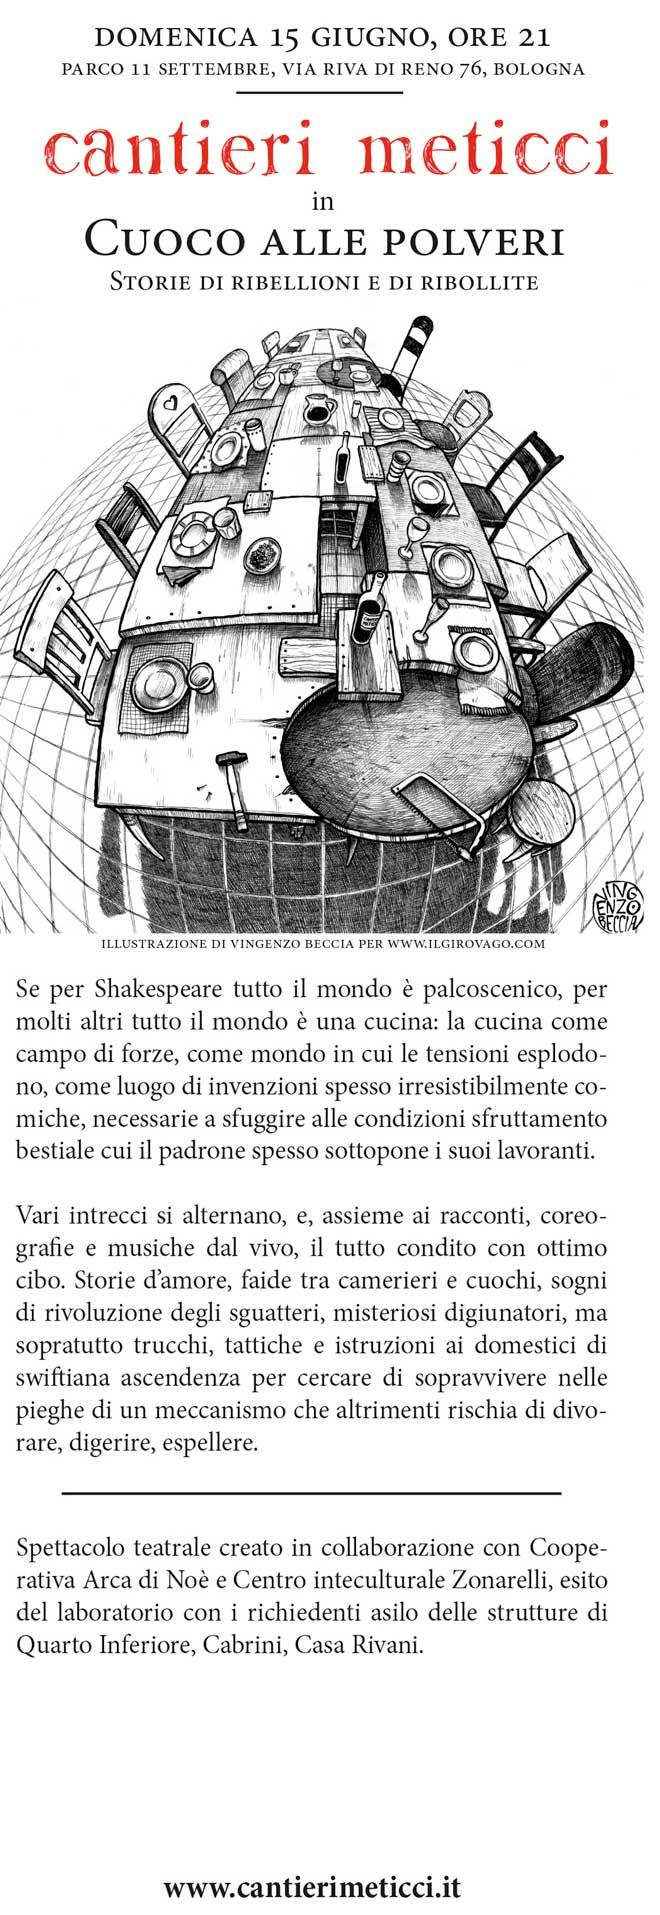 cartolina-Cuoco-alle-polveri-web